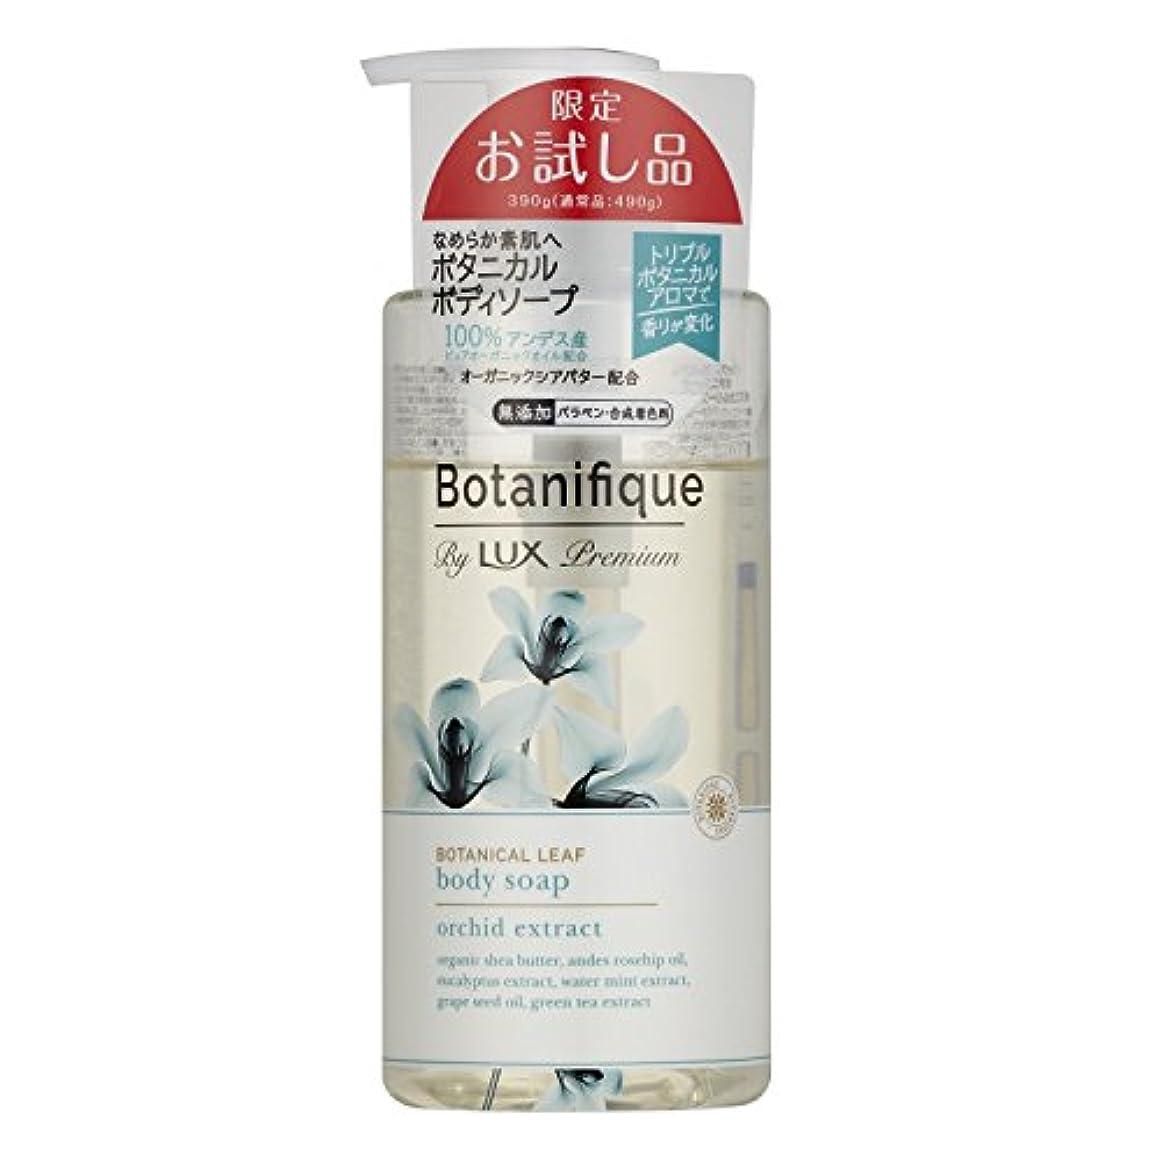 リクルートシャイニング毛布ラックス プレミアム ボタニフィーク ボタニカルリーフ ボディソープ ポンプ(ボタニカルリーフの香り) お試し品 390g